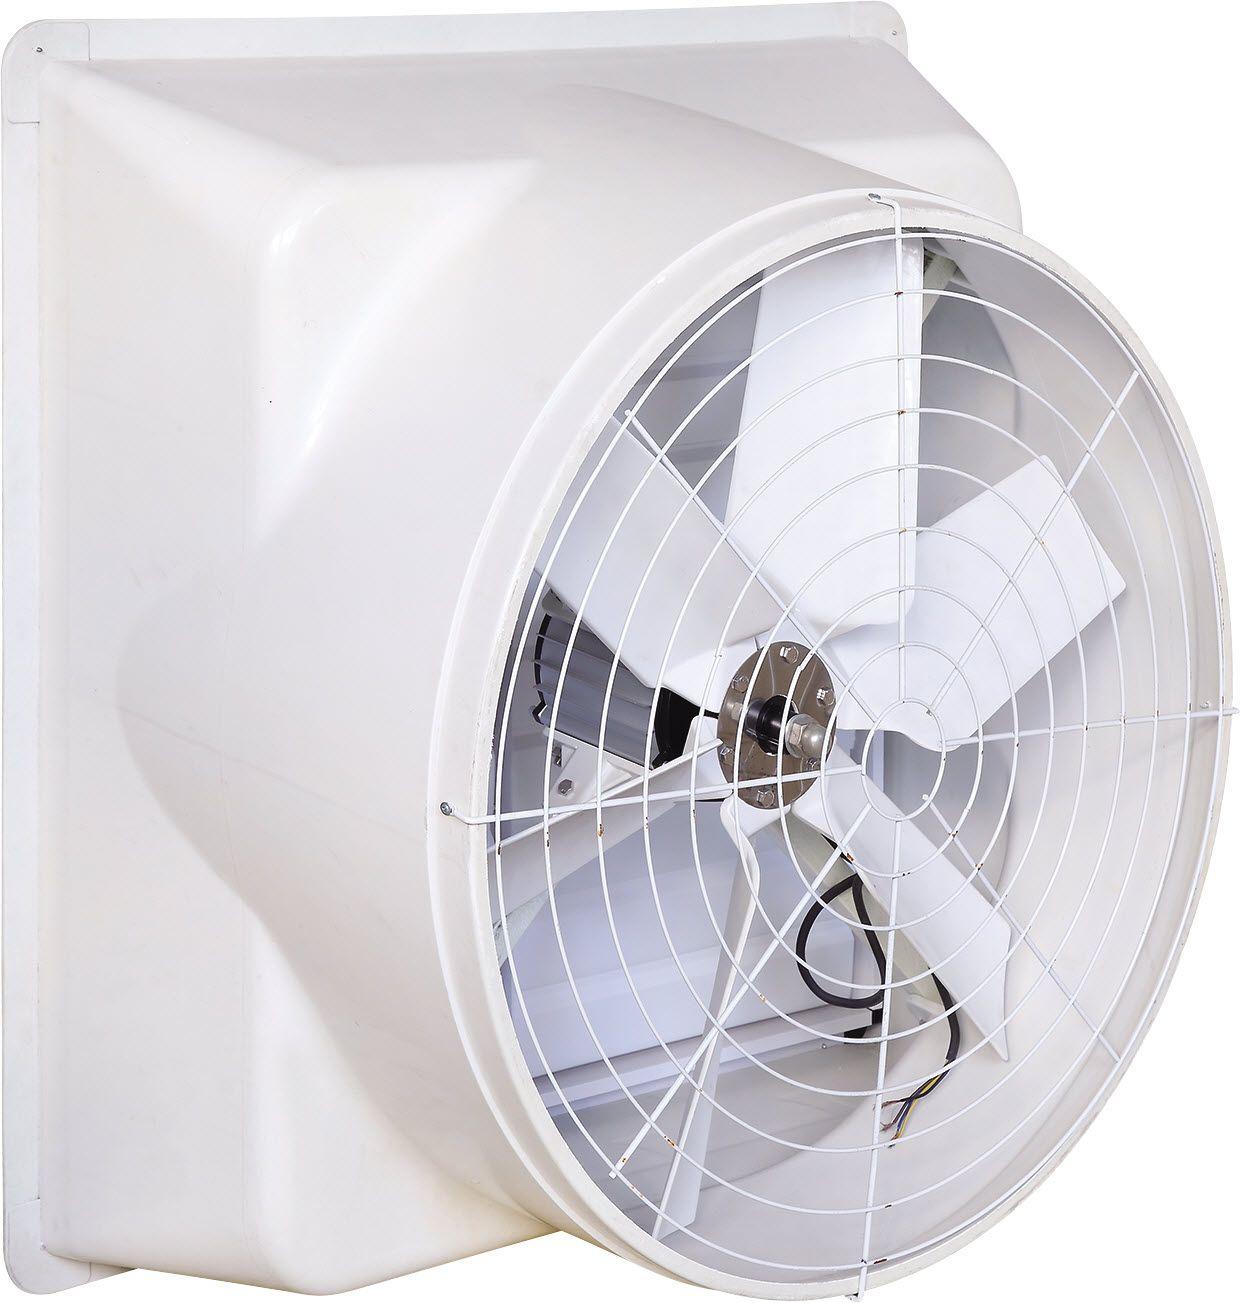 SMC negative pressure fan WINDOW AIR COOLER